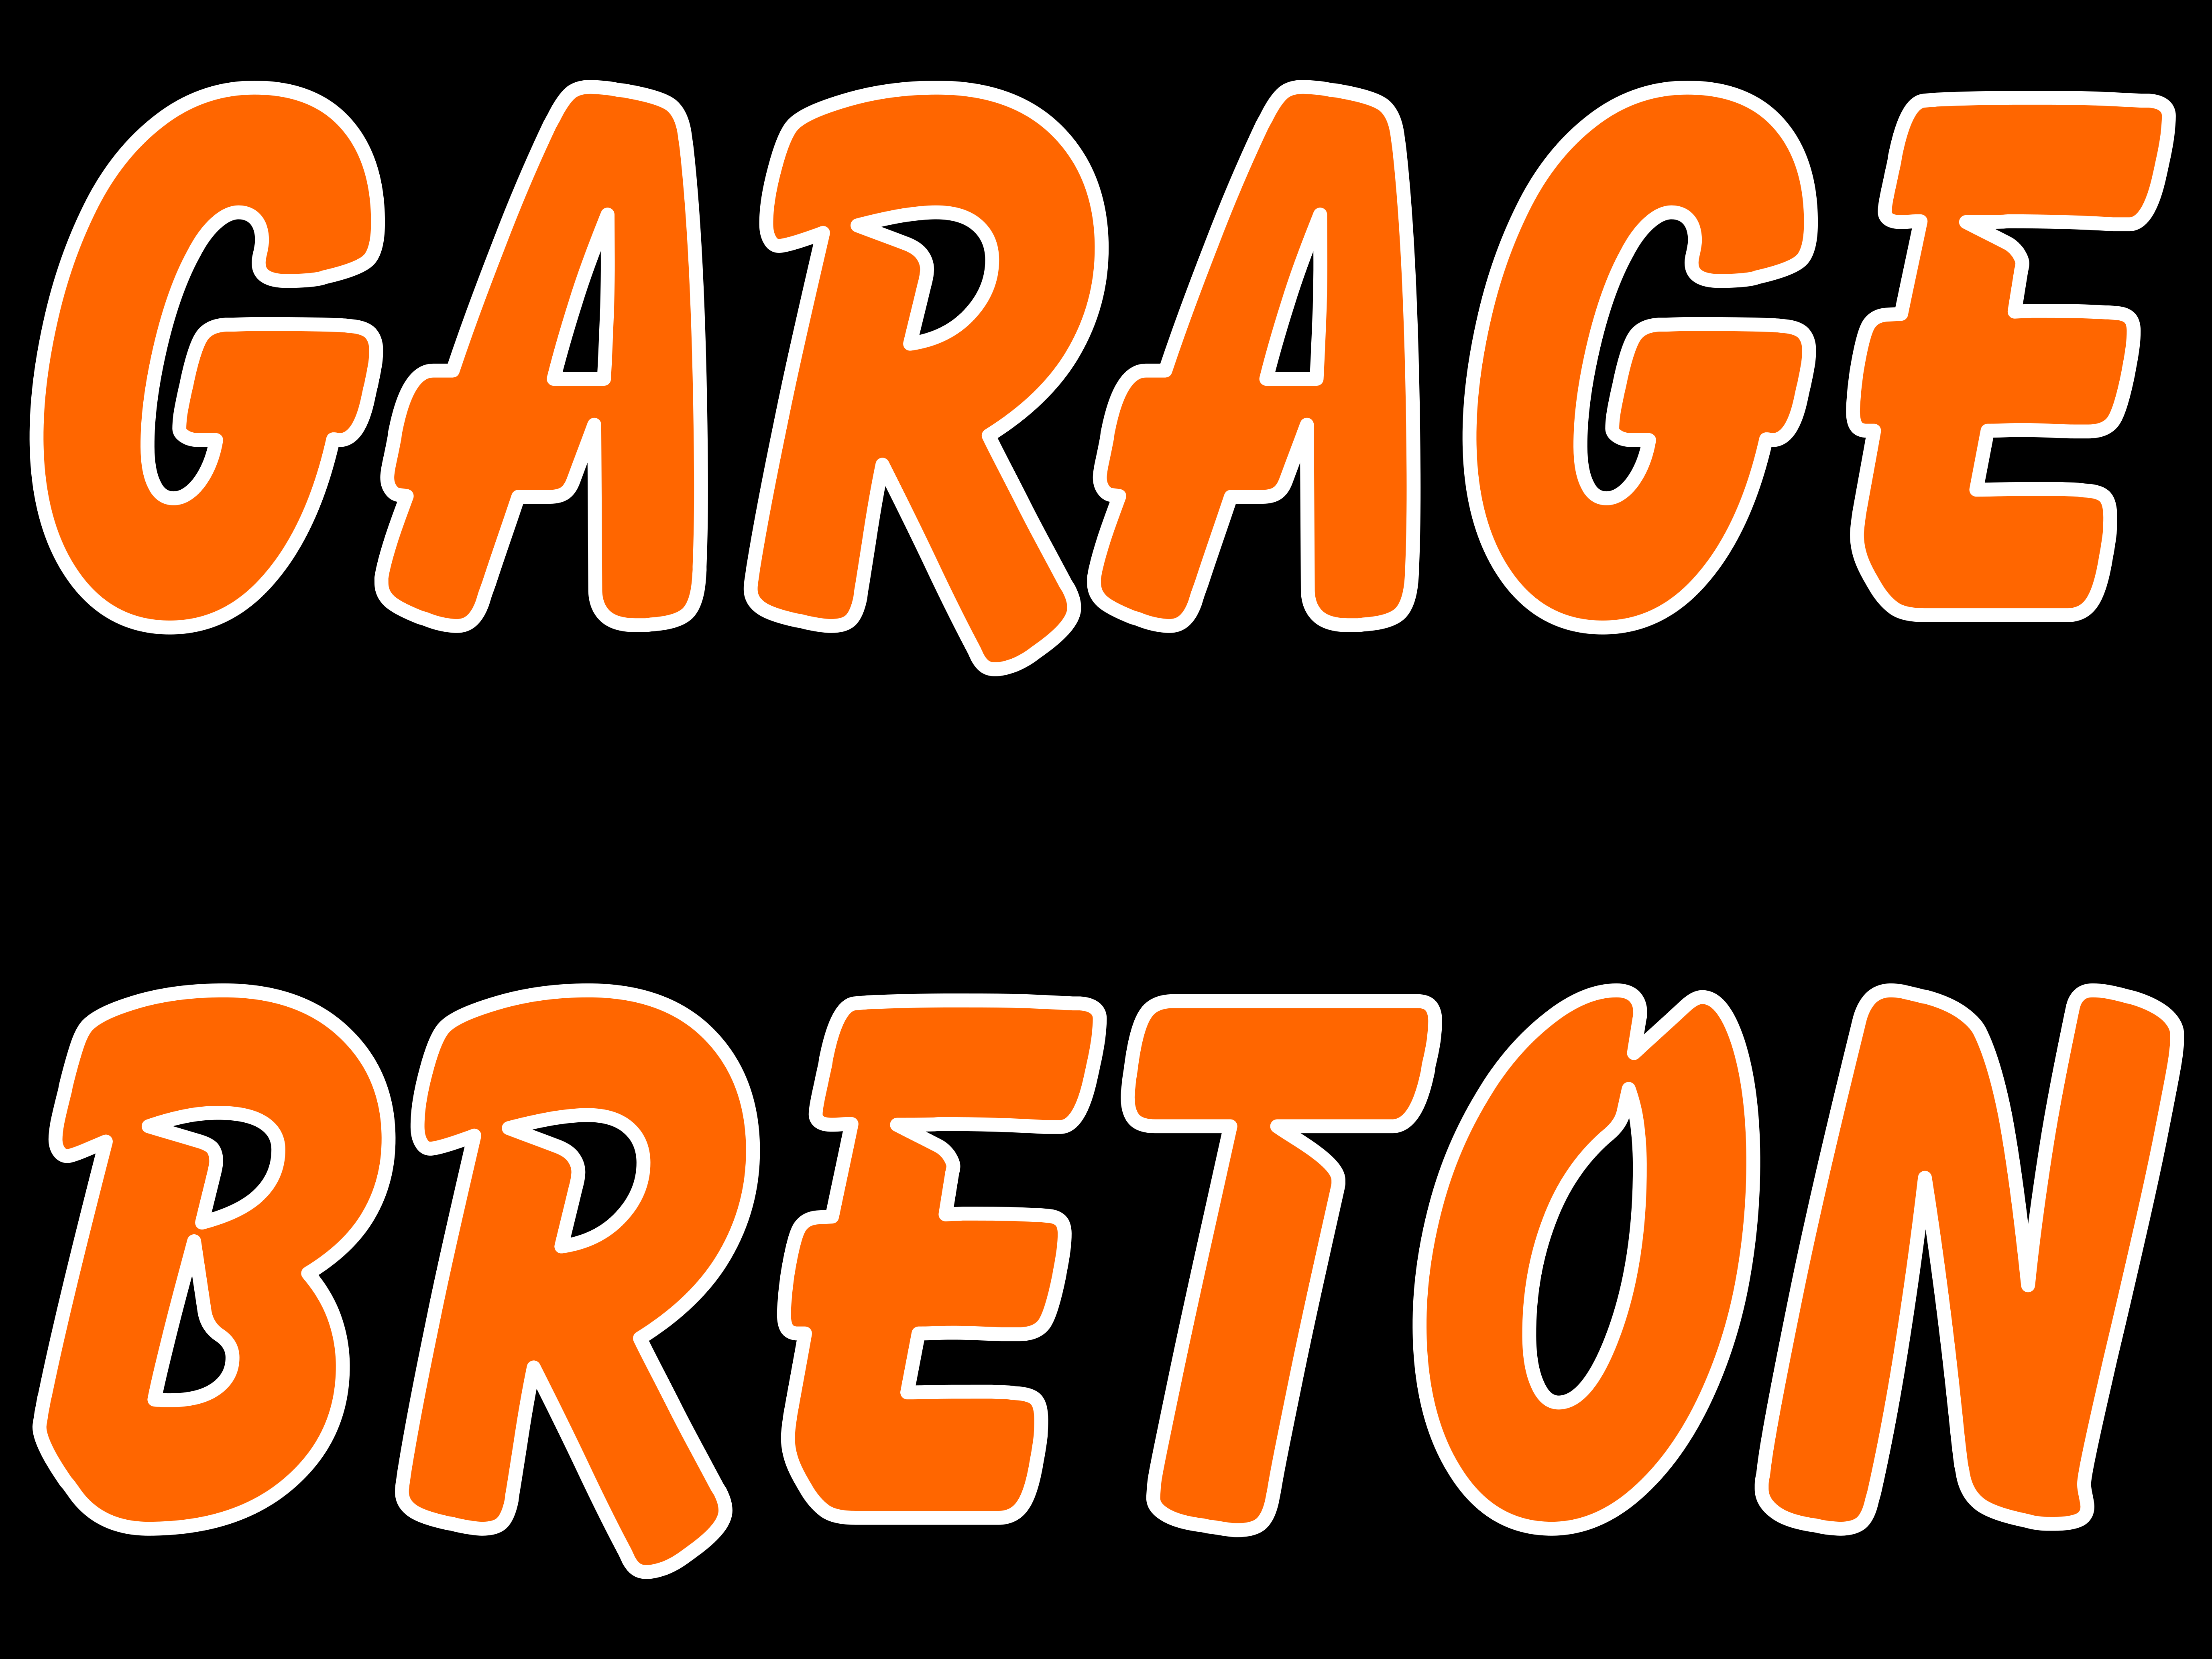 Garage Breton